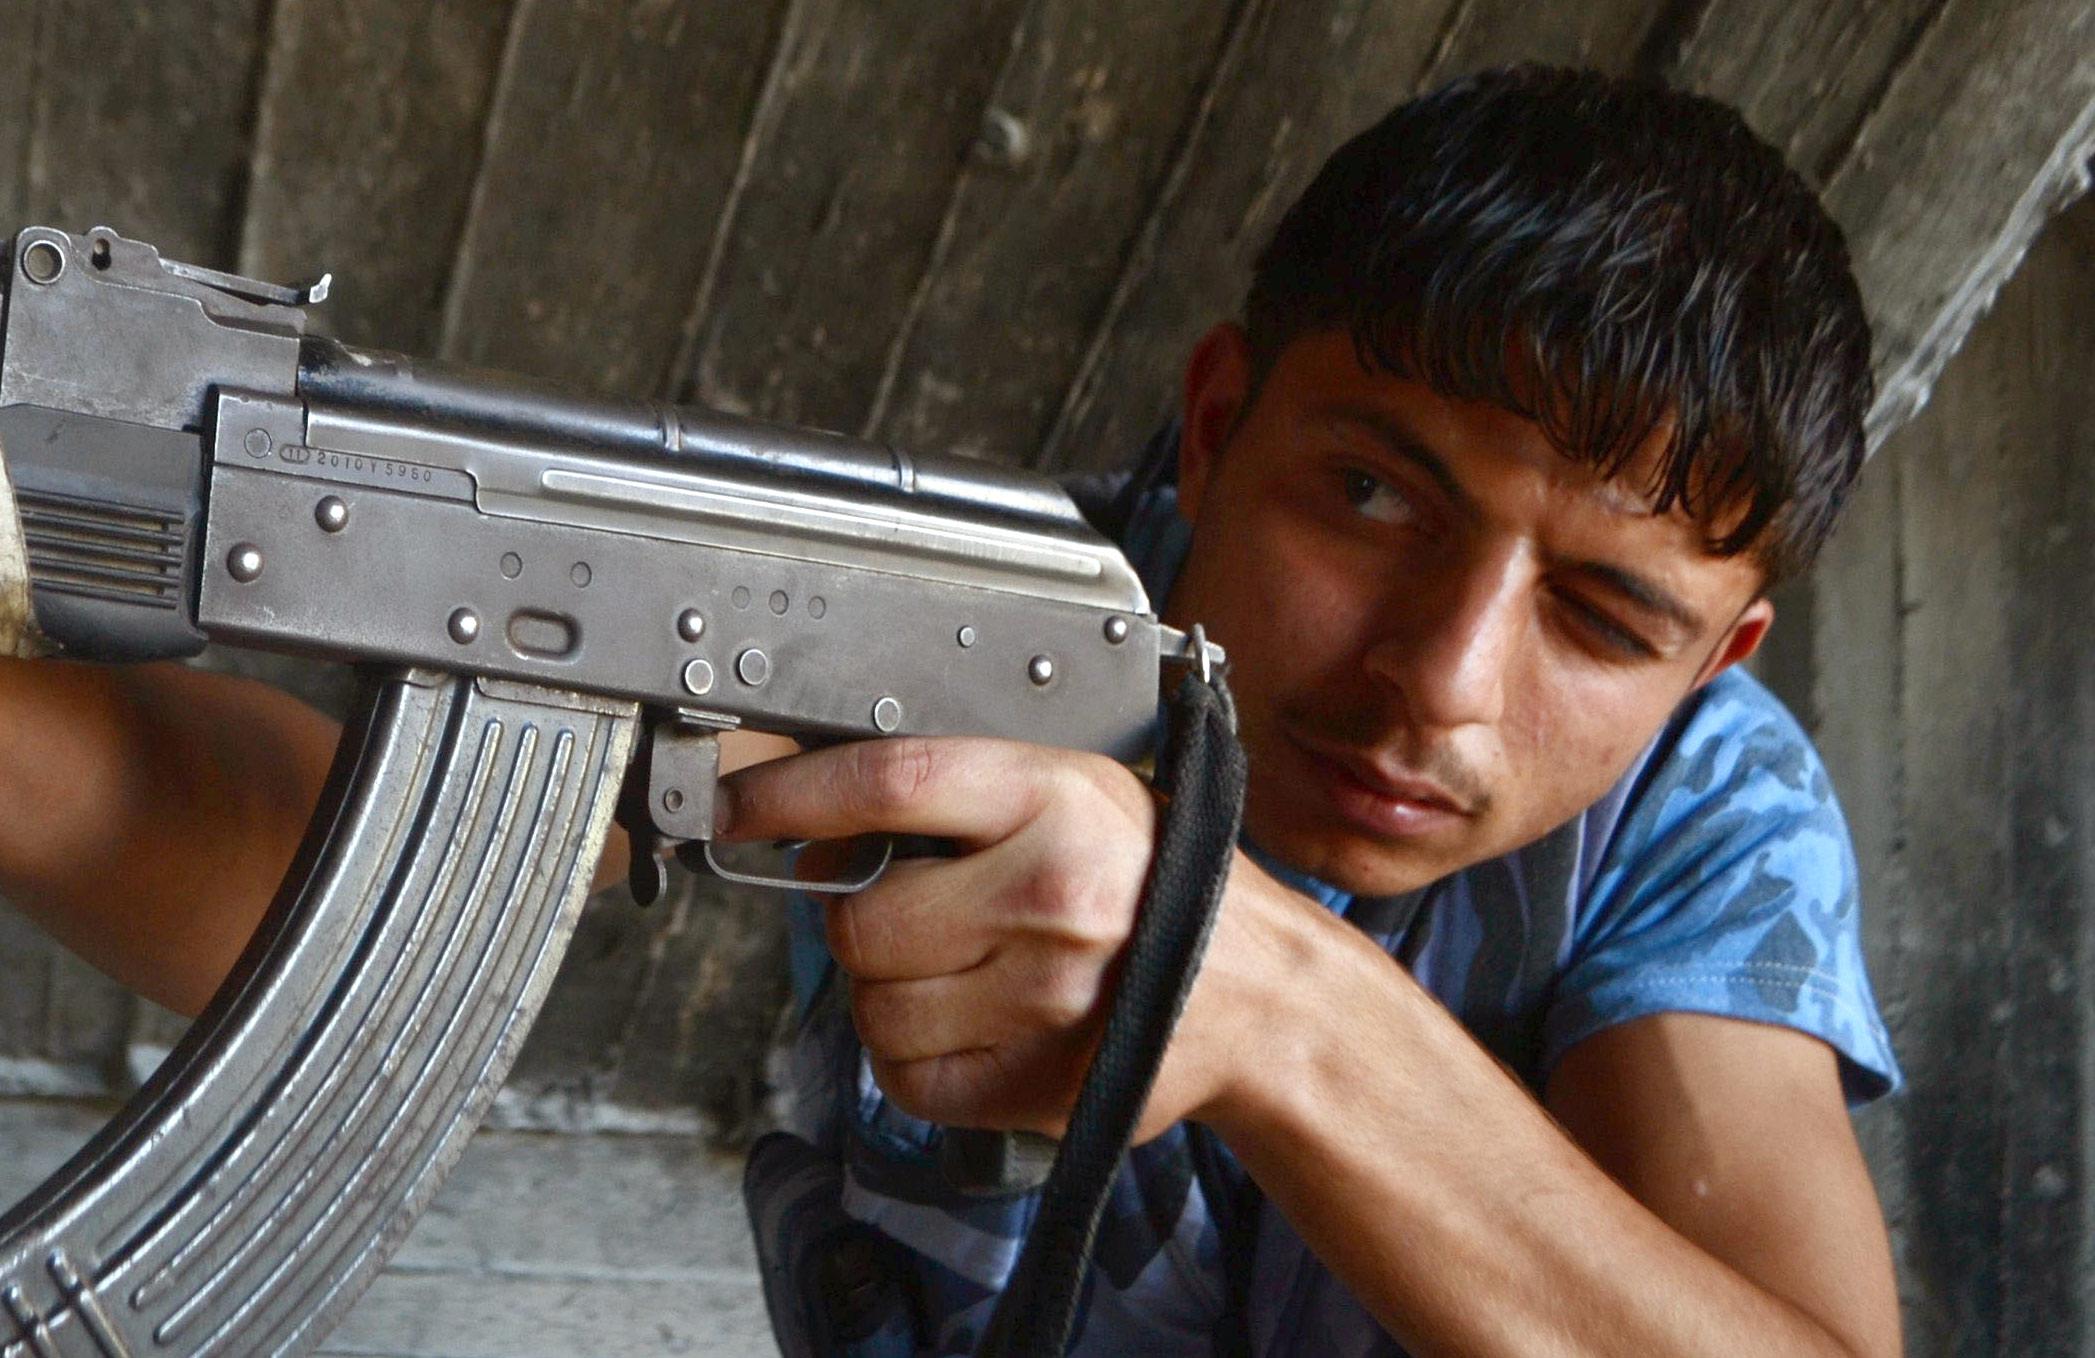 شاب سوري من المعارضة السورية يوجه سلاحه في مدينة حلب (AFP)